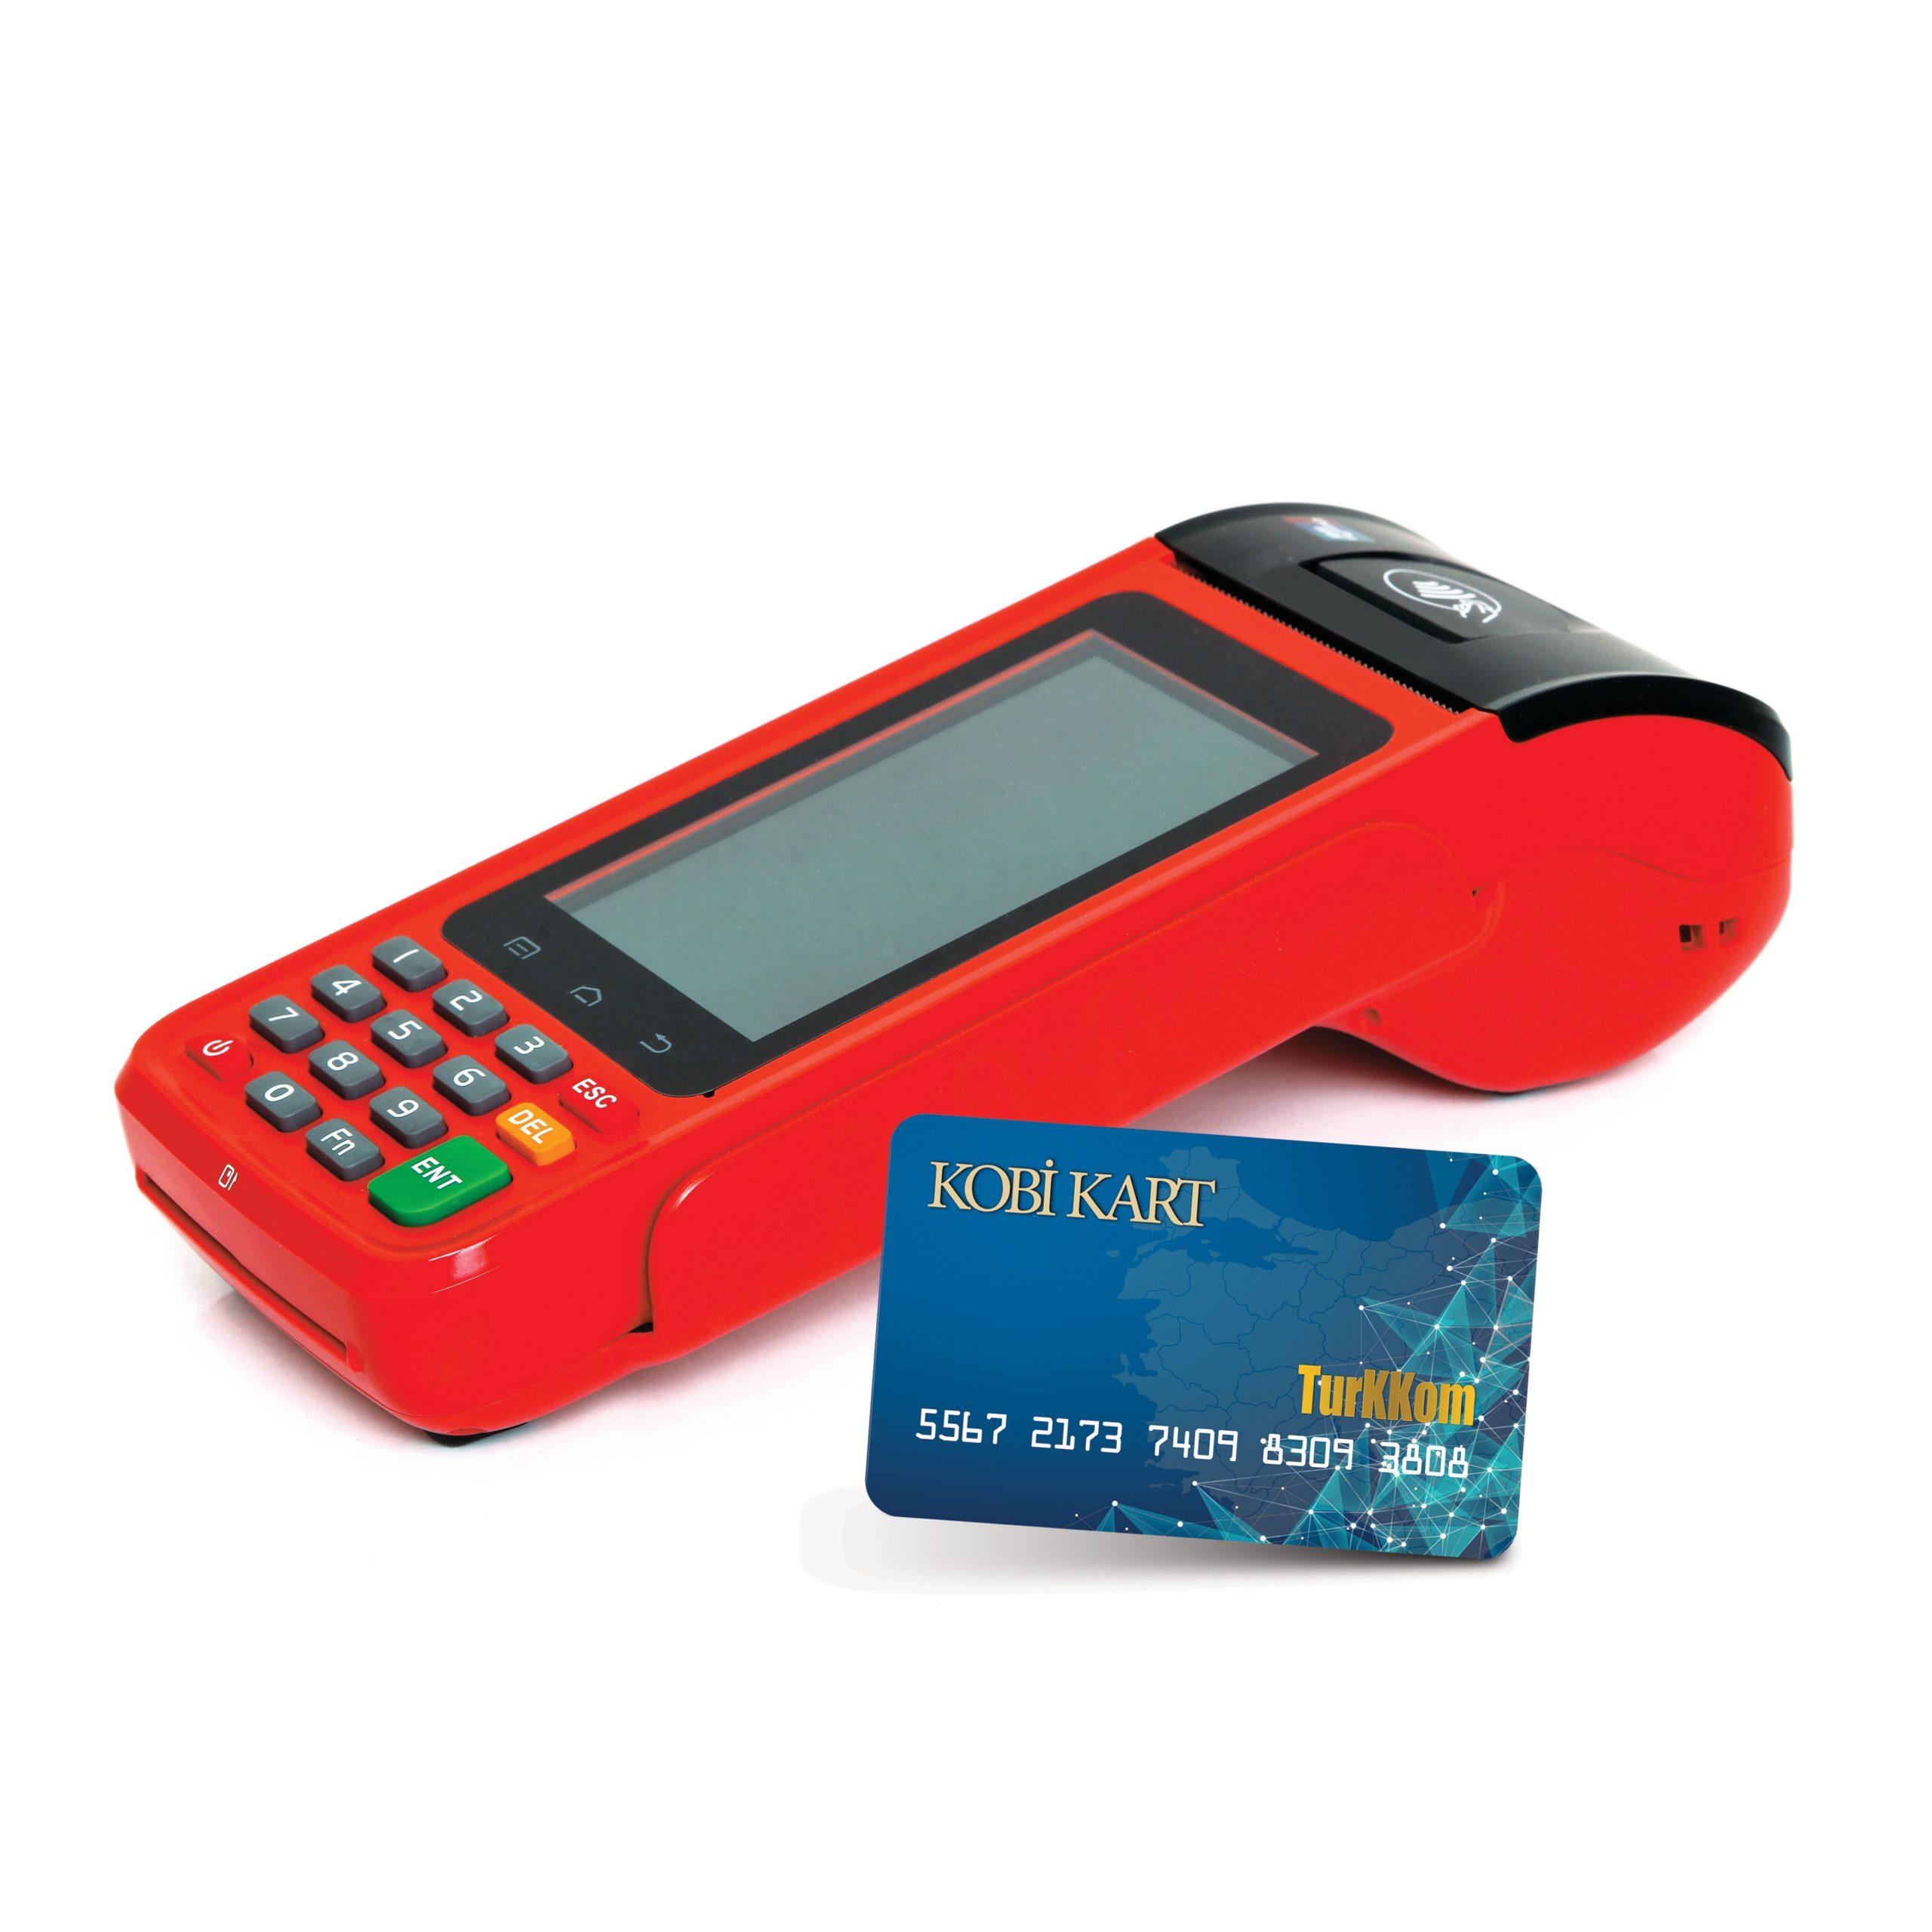 kobi-kart-a-uye-is-yerlerine-simdi-turkkom-terminal-cihazi-hediye